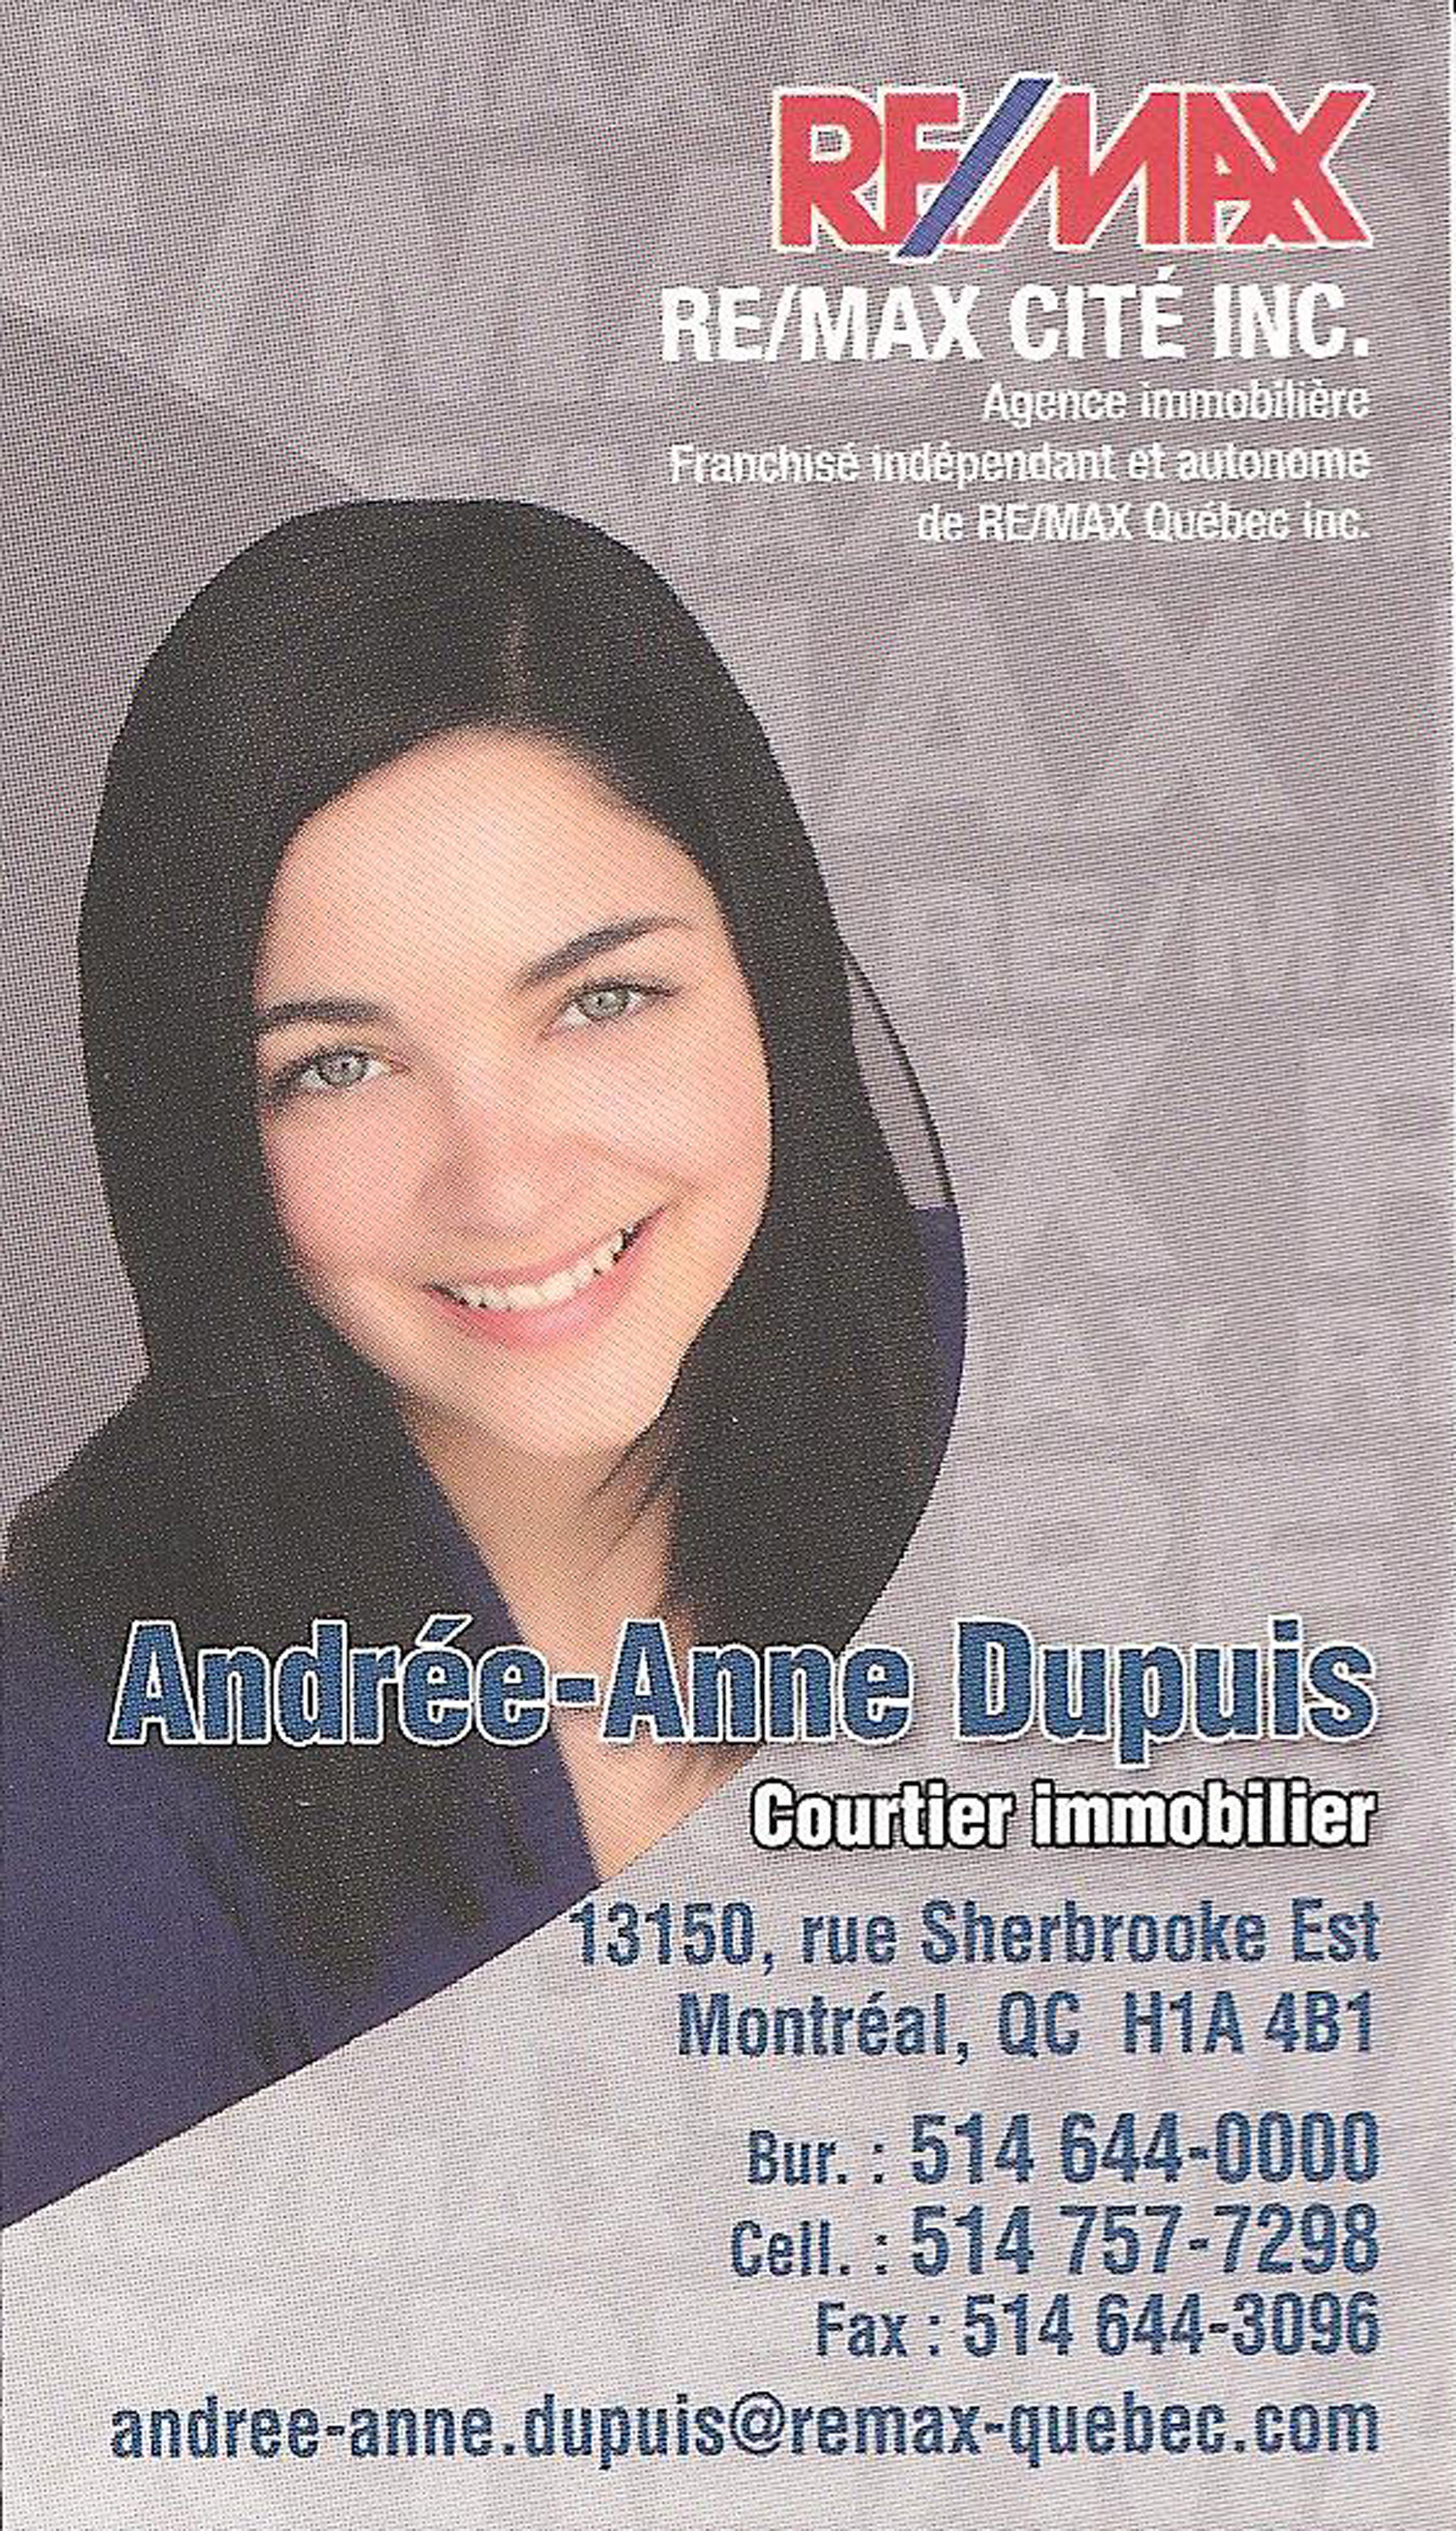 Andrée-Anne Dupuis